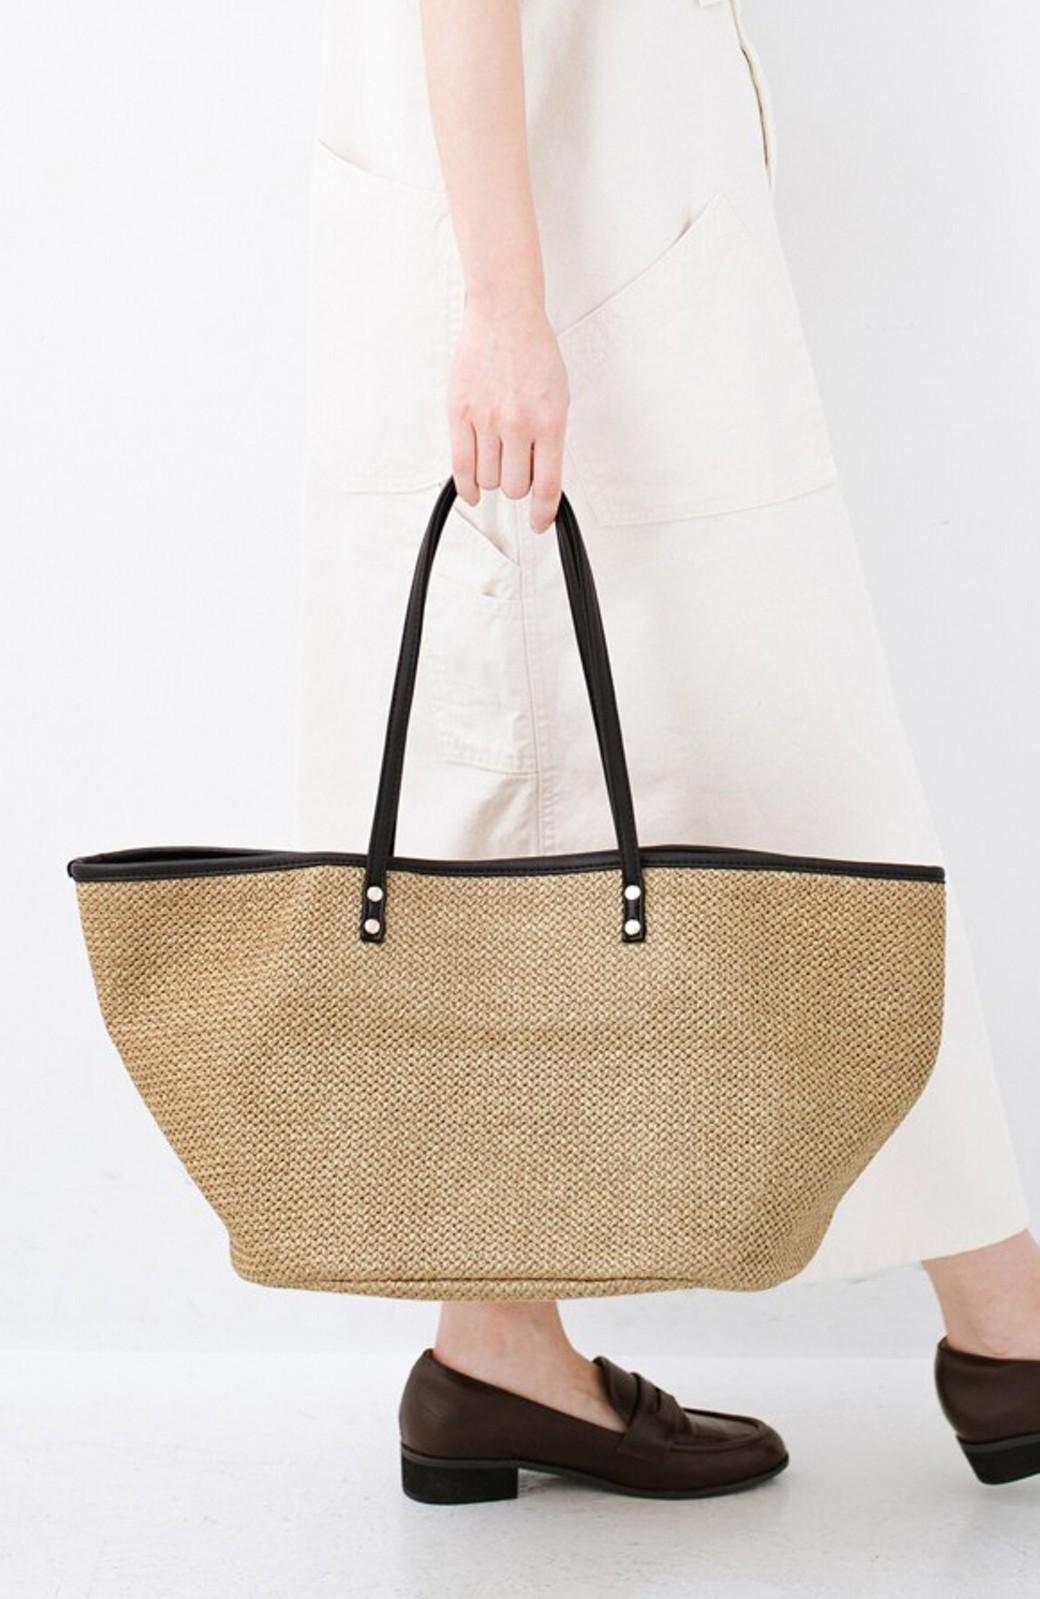 haco! ピクニックにも毎日のおともにも ざっくり入って便利な大きめトートバッグ <ブラック>の商品写真1